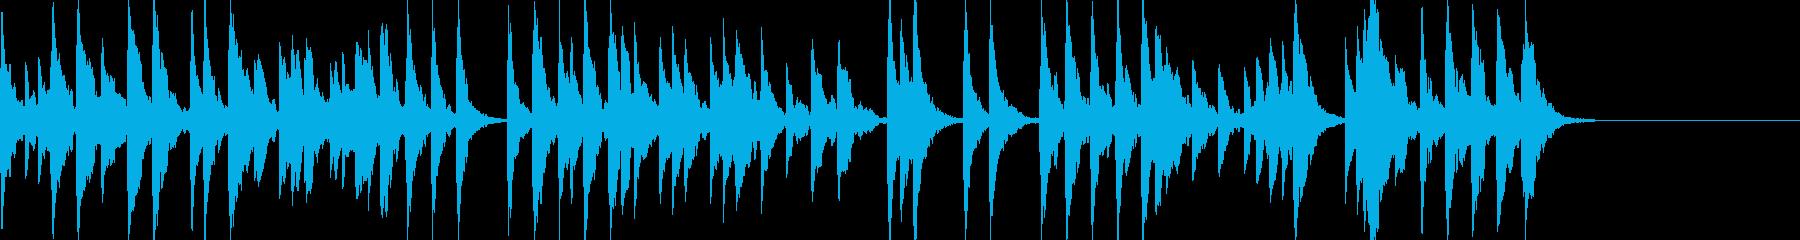 「スカボローフェア」オルゴールbpm76の再生済みの波形